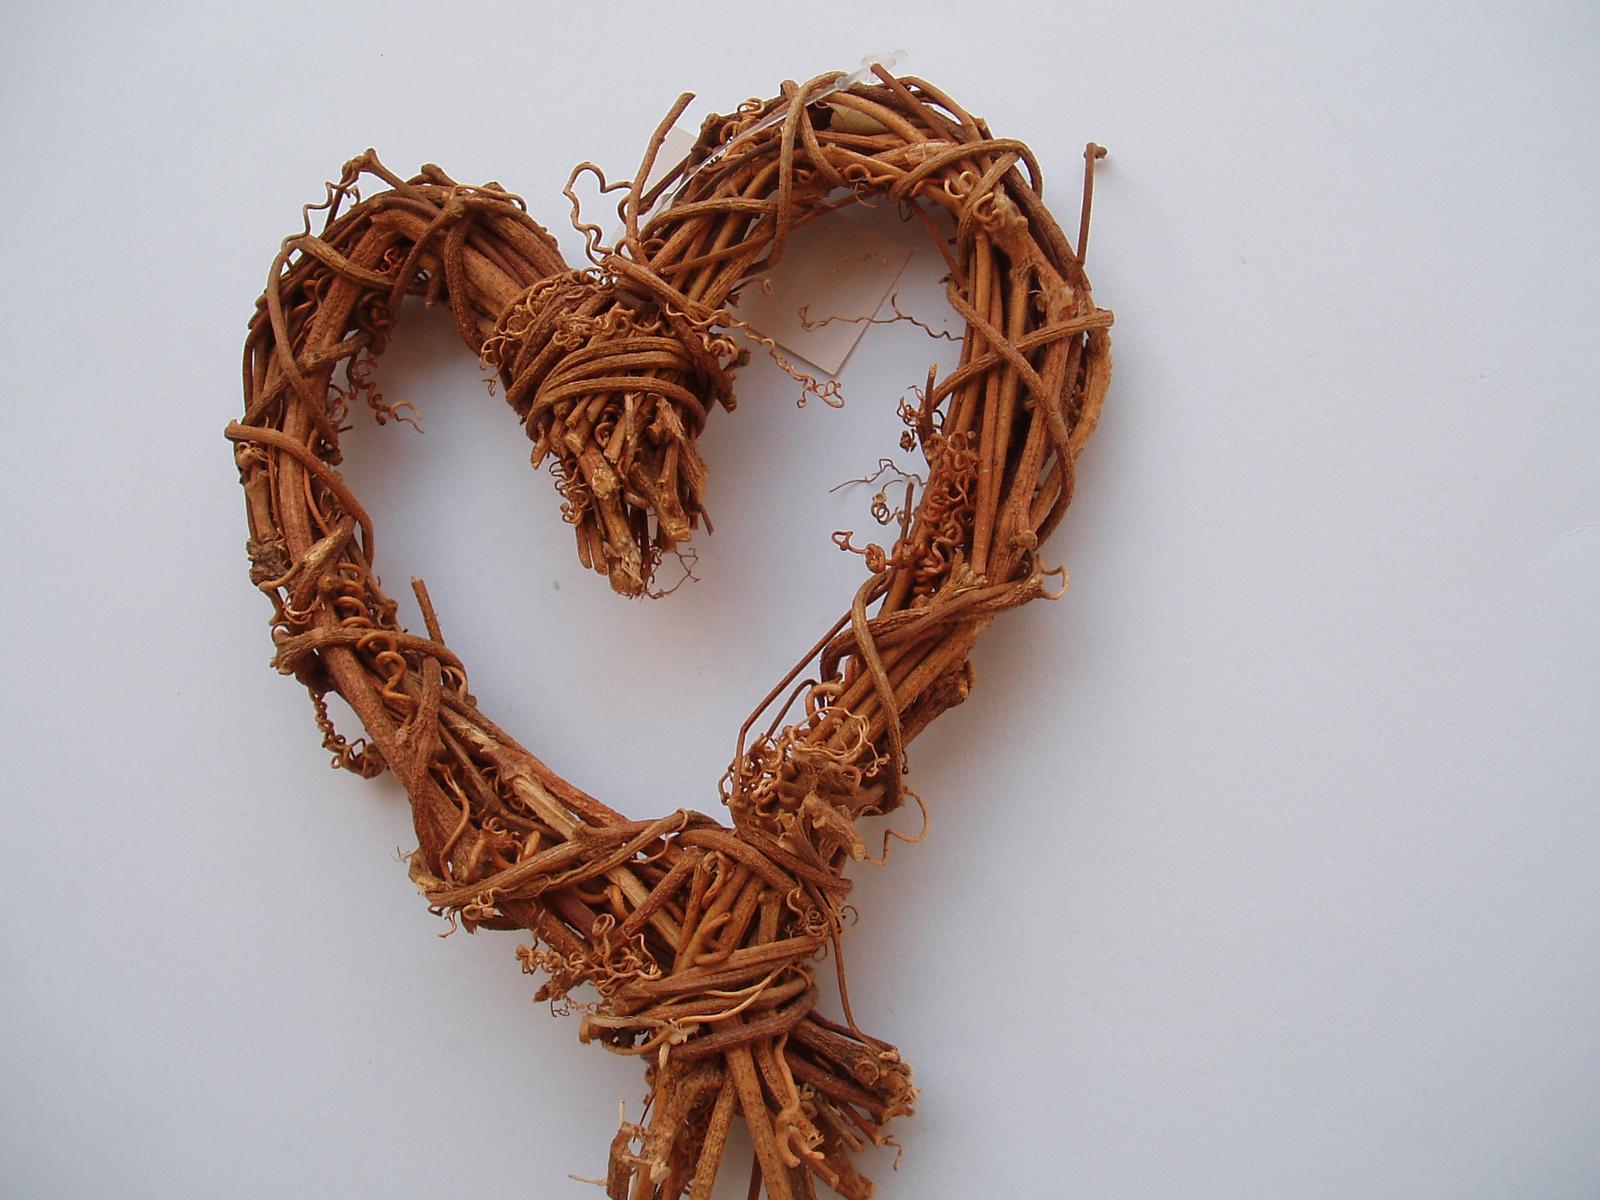 Svatební dekorace - srdce z proutí